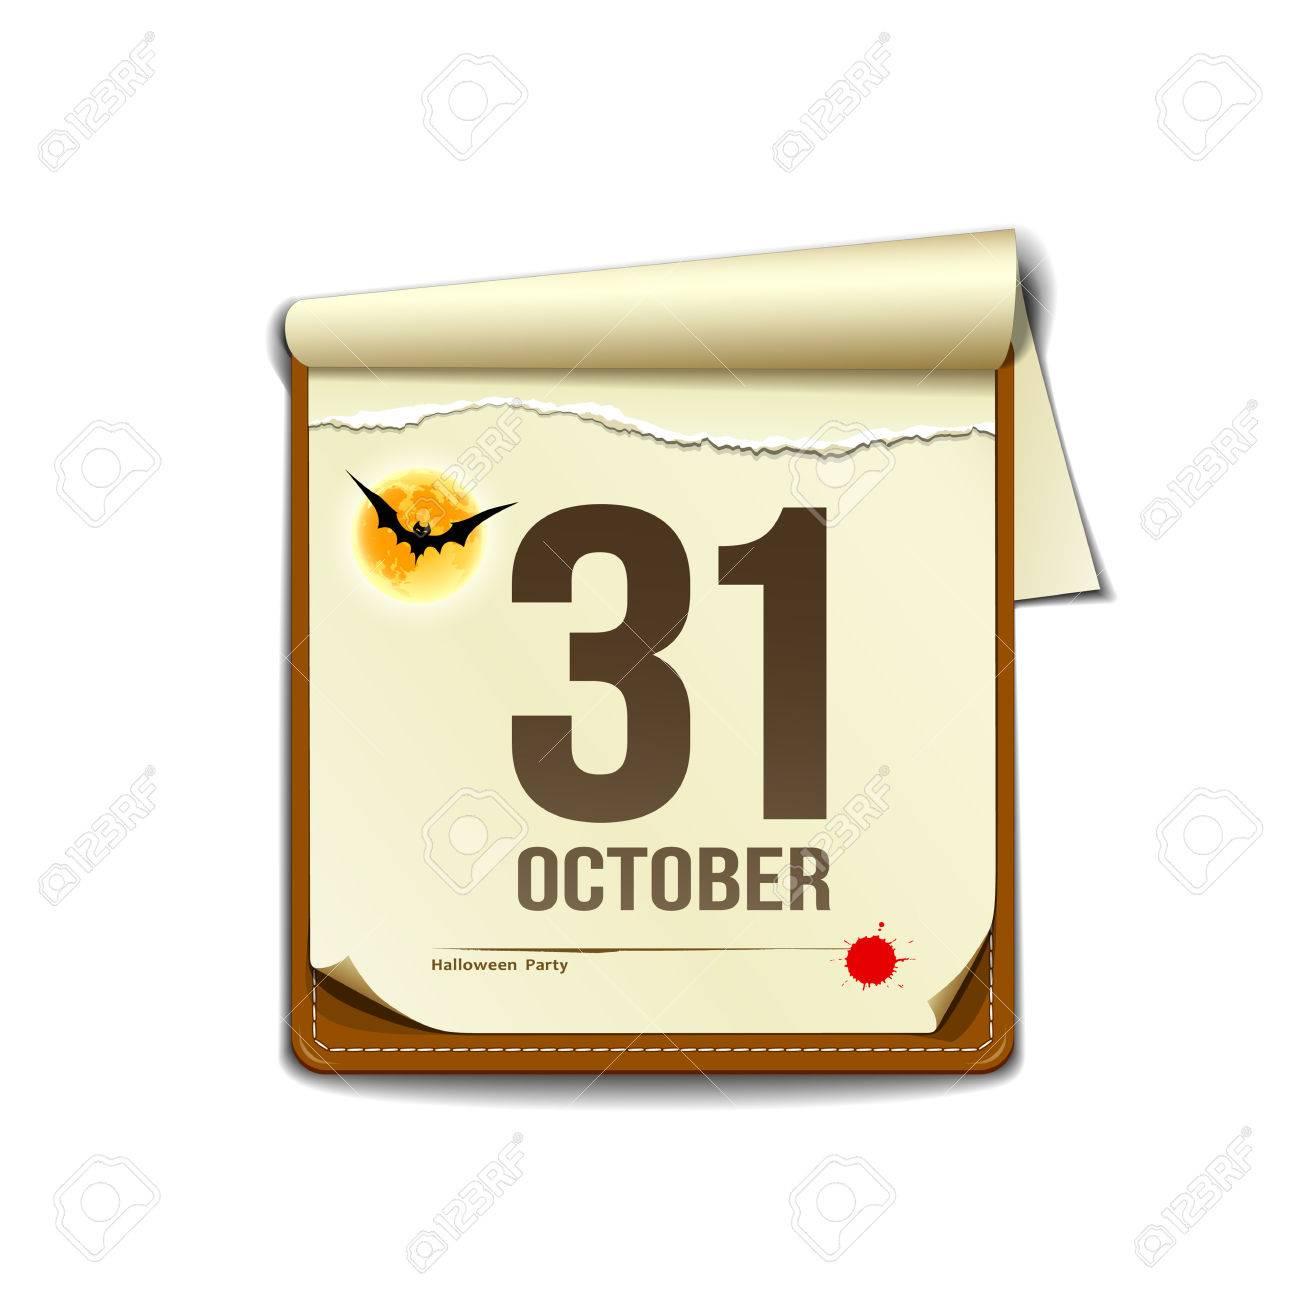 Paper October calender in halloween party design Stock Vector - 22815648